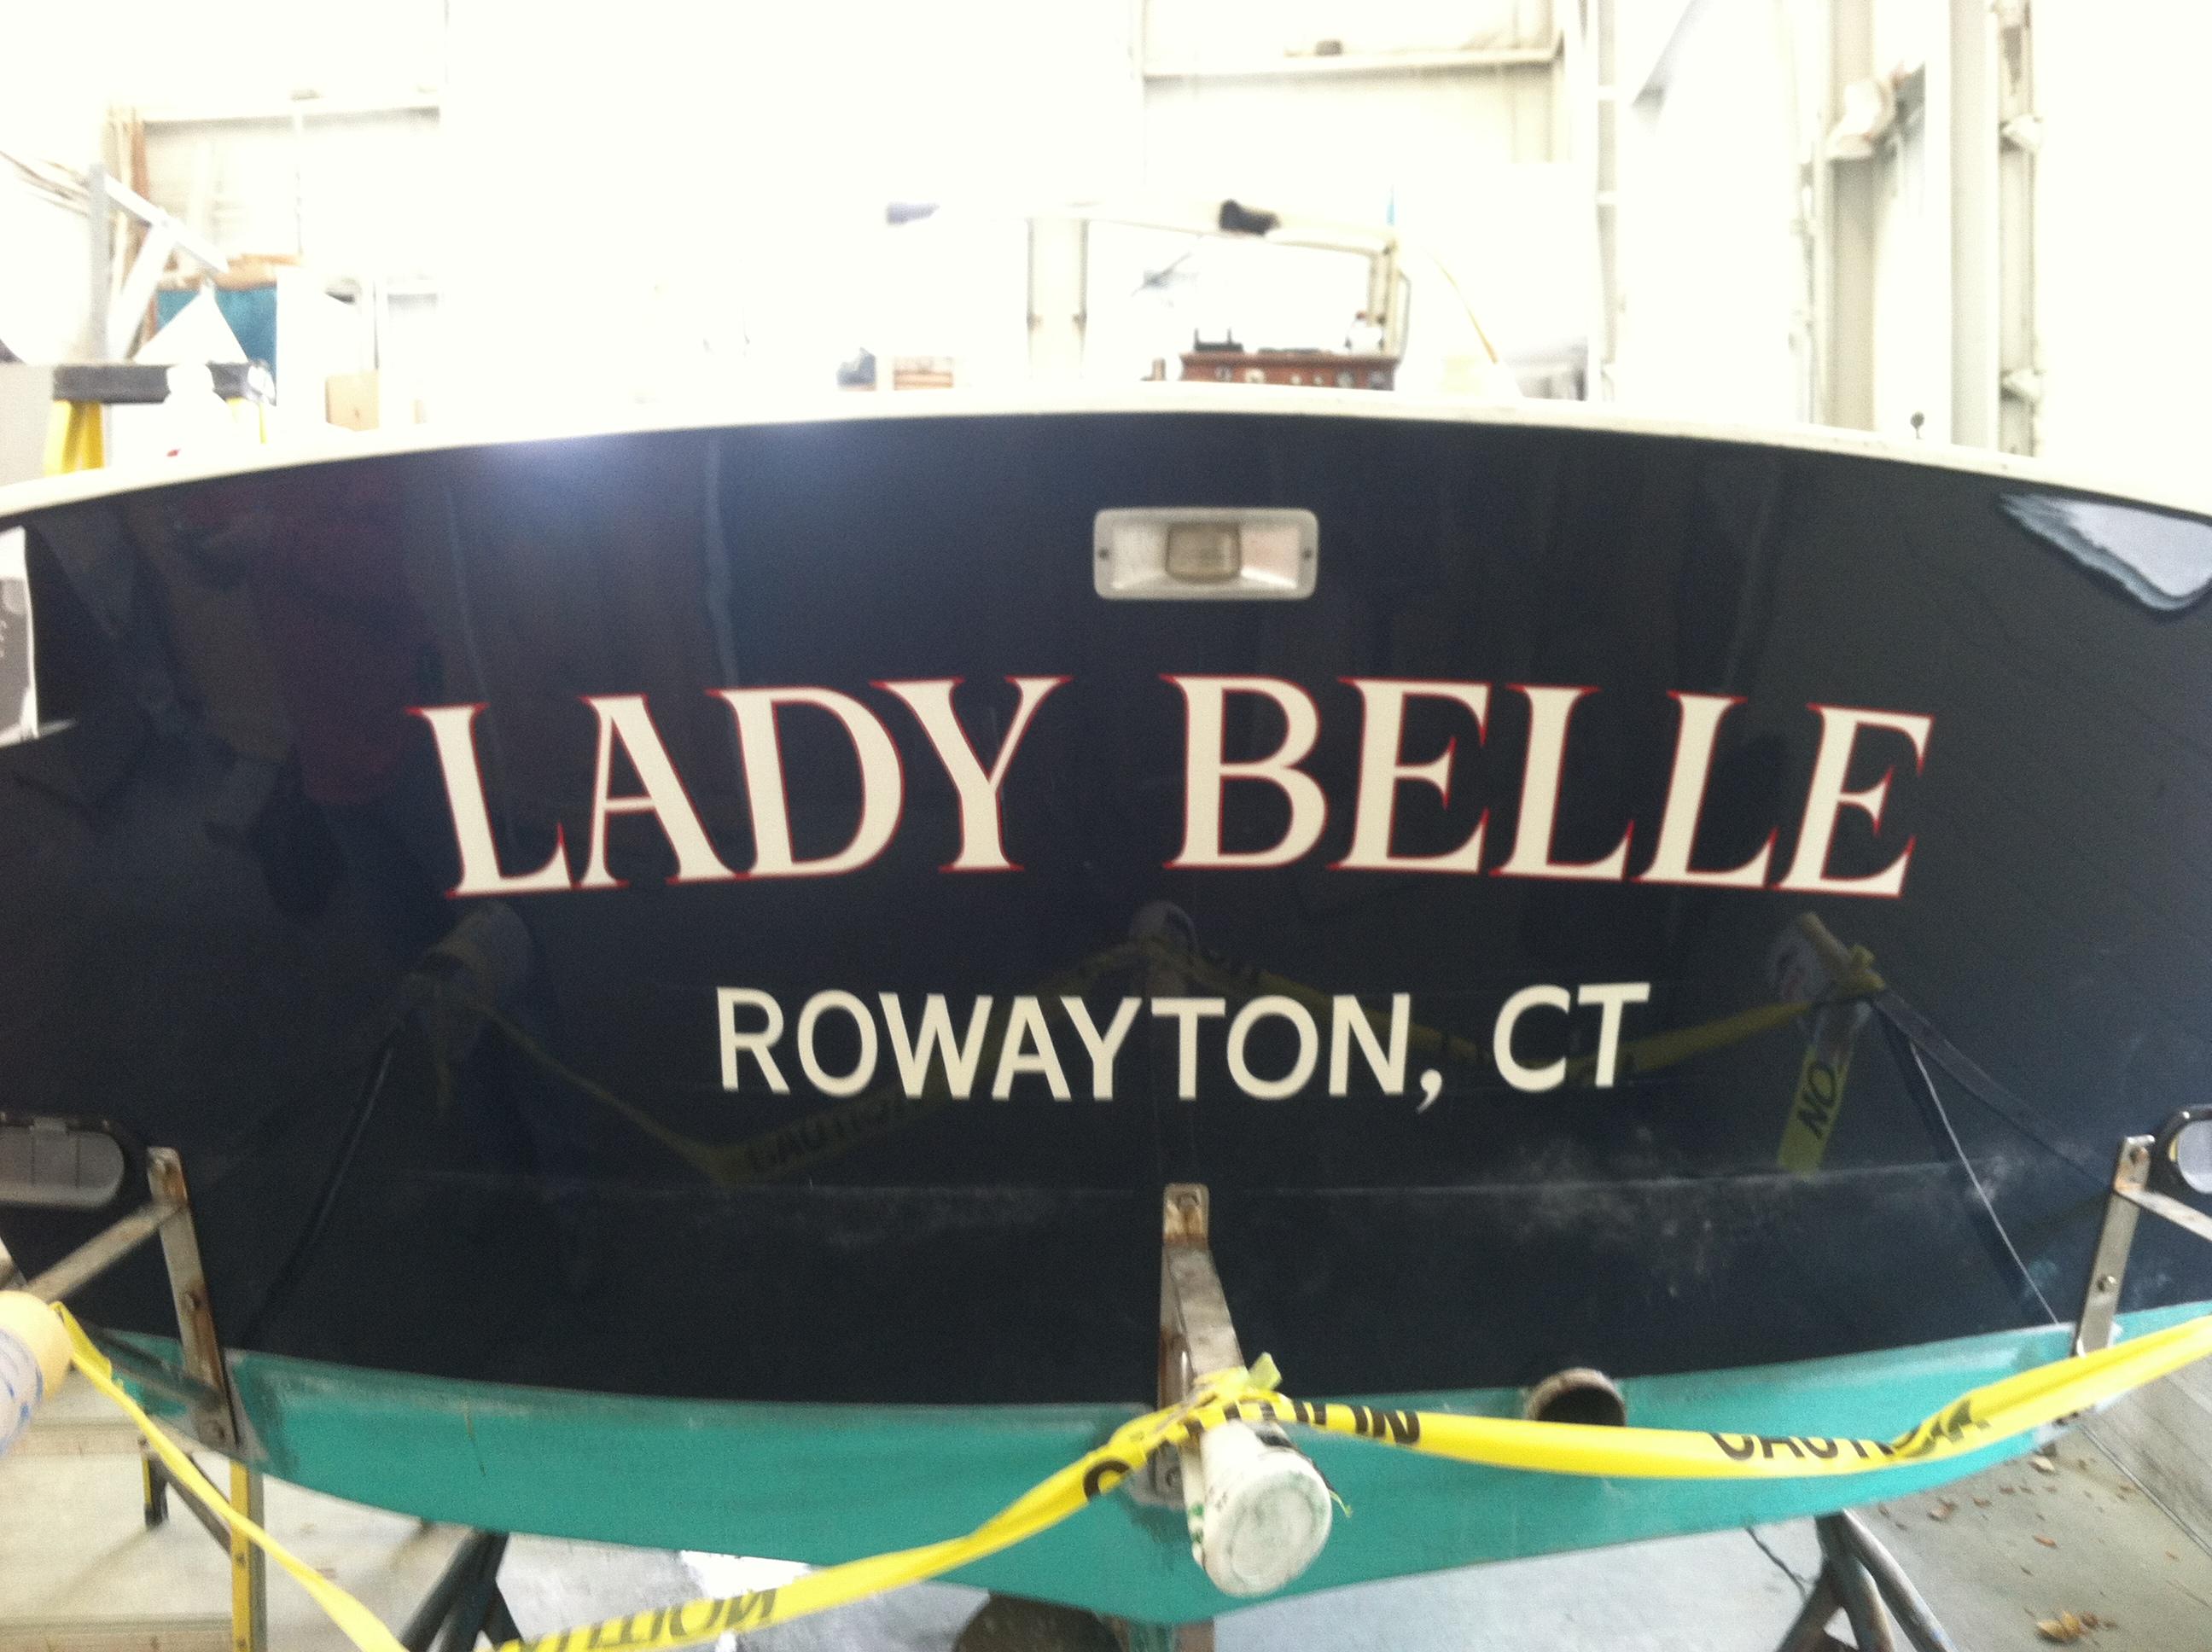 Boat - Lady Belle